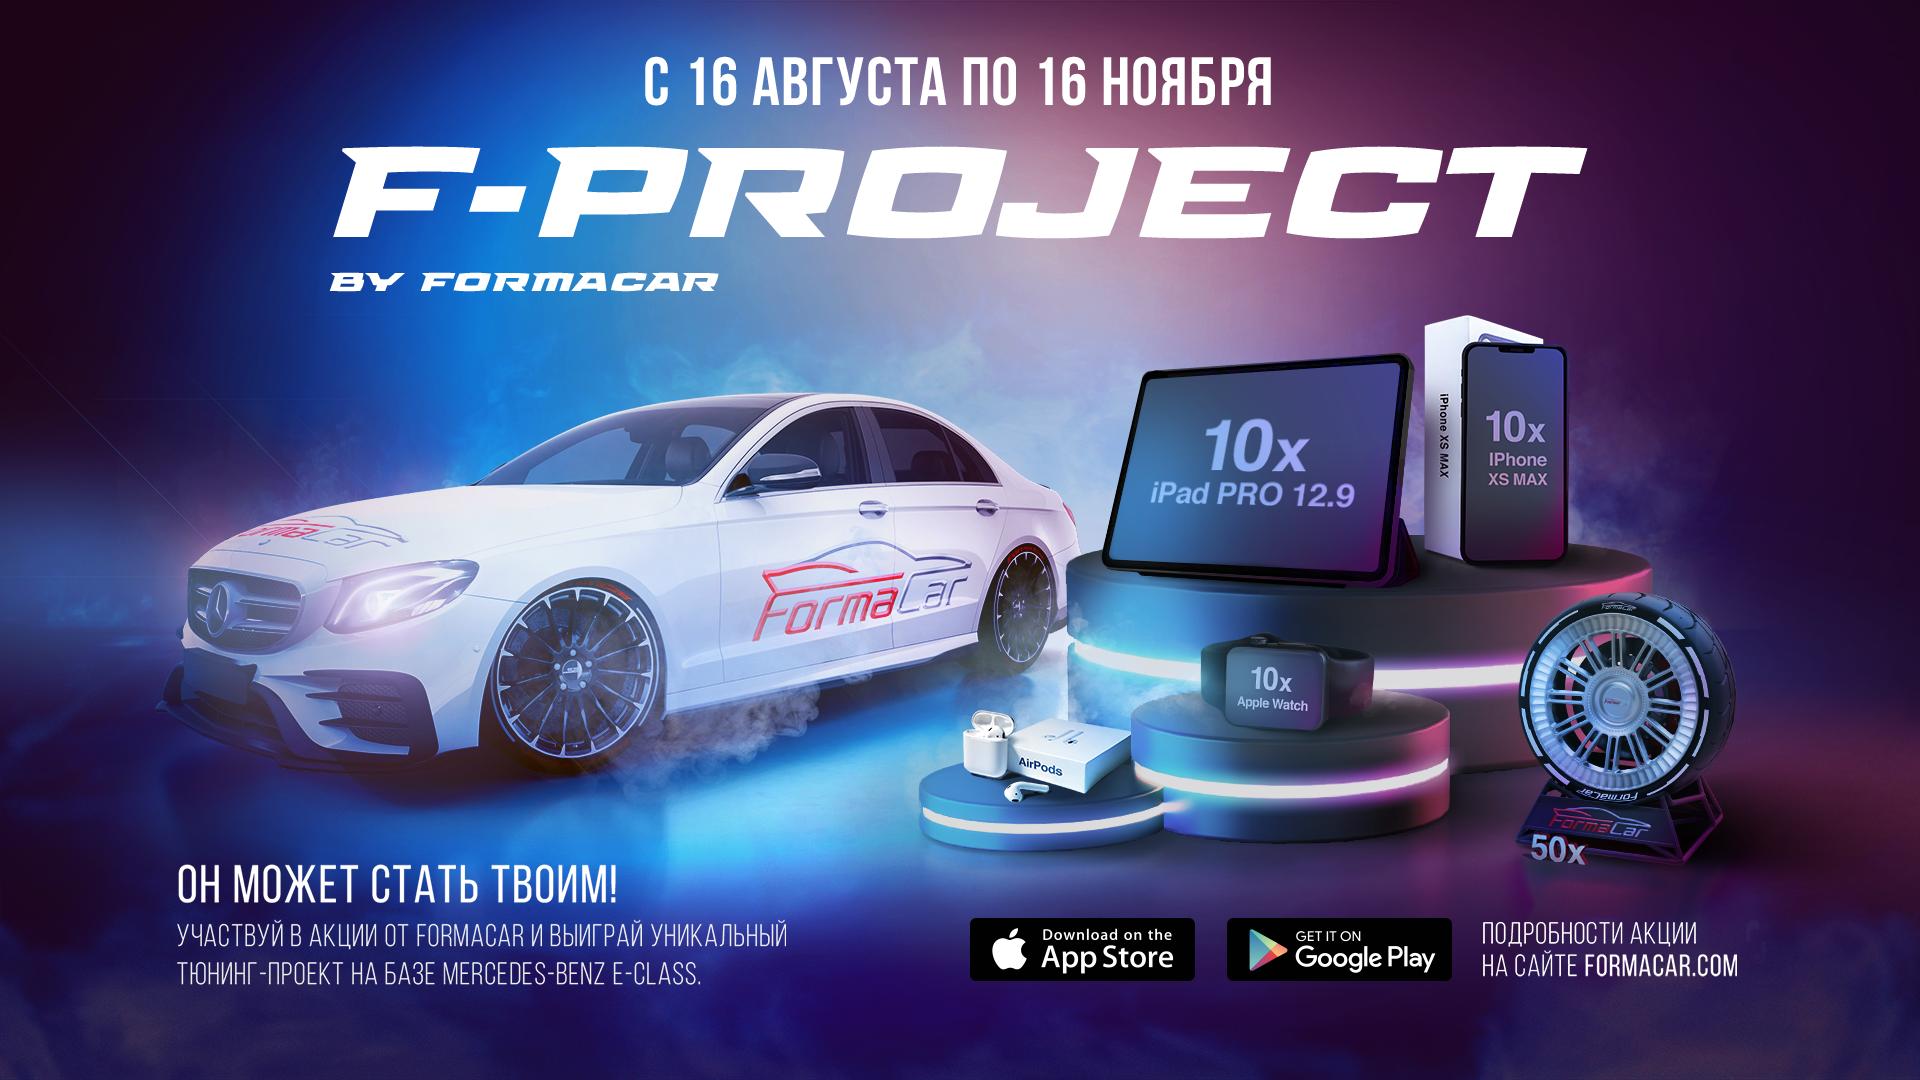 Для начала пристегнитесь: мы запускаем новую акцию и это что-то невероятное! На кону автомобиль, и не просто автомобиль, а уникальный  F-project by FormaCar на базе новейшего Mercedes-Benz E-Class.